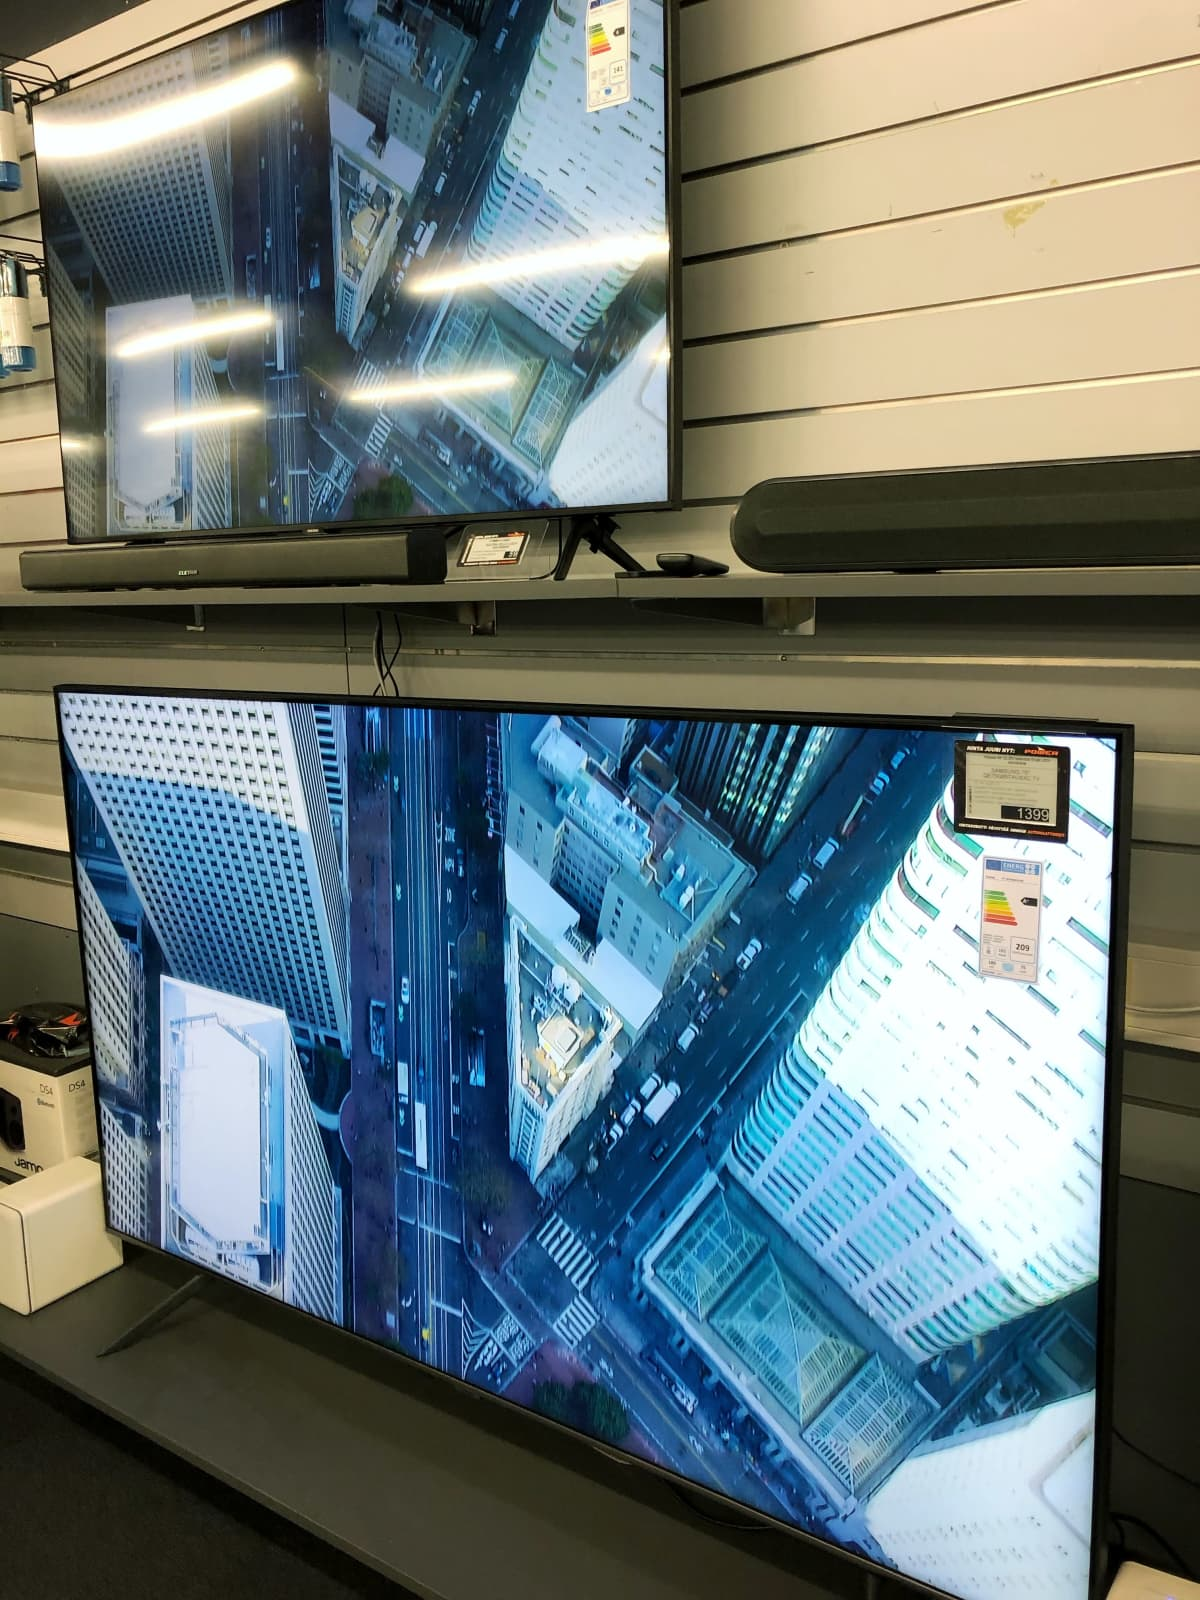 Suuri televisio liikkeen seinällä.